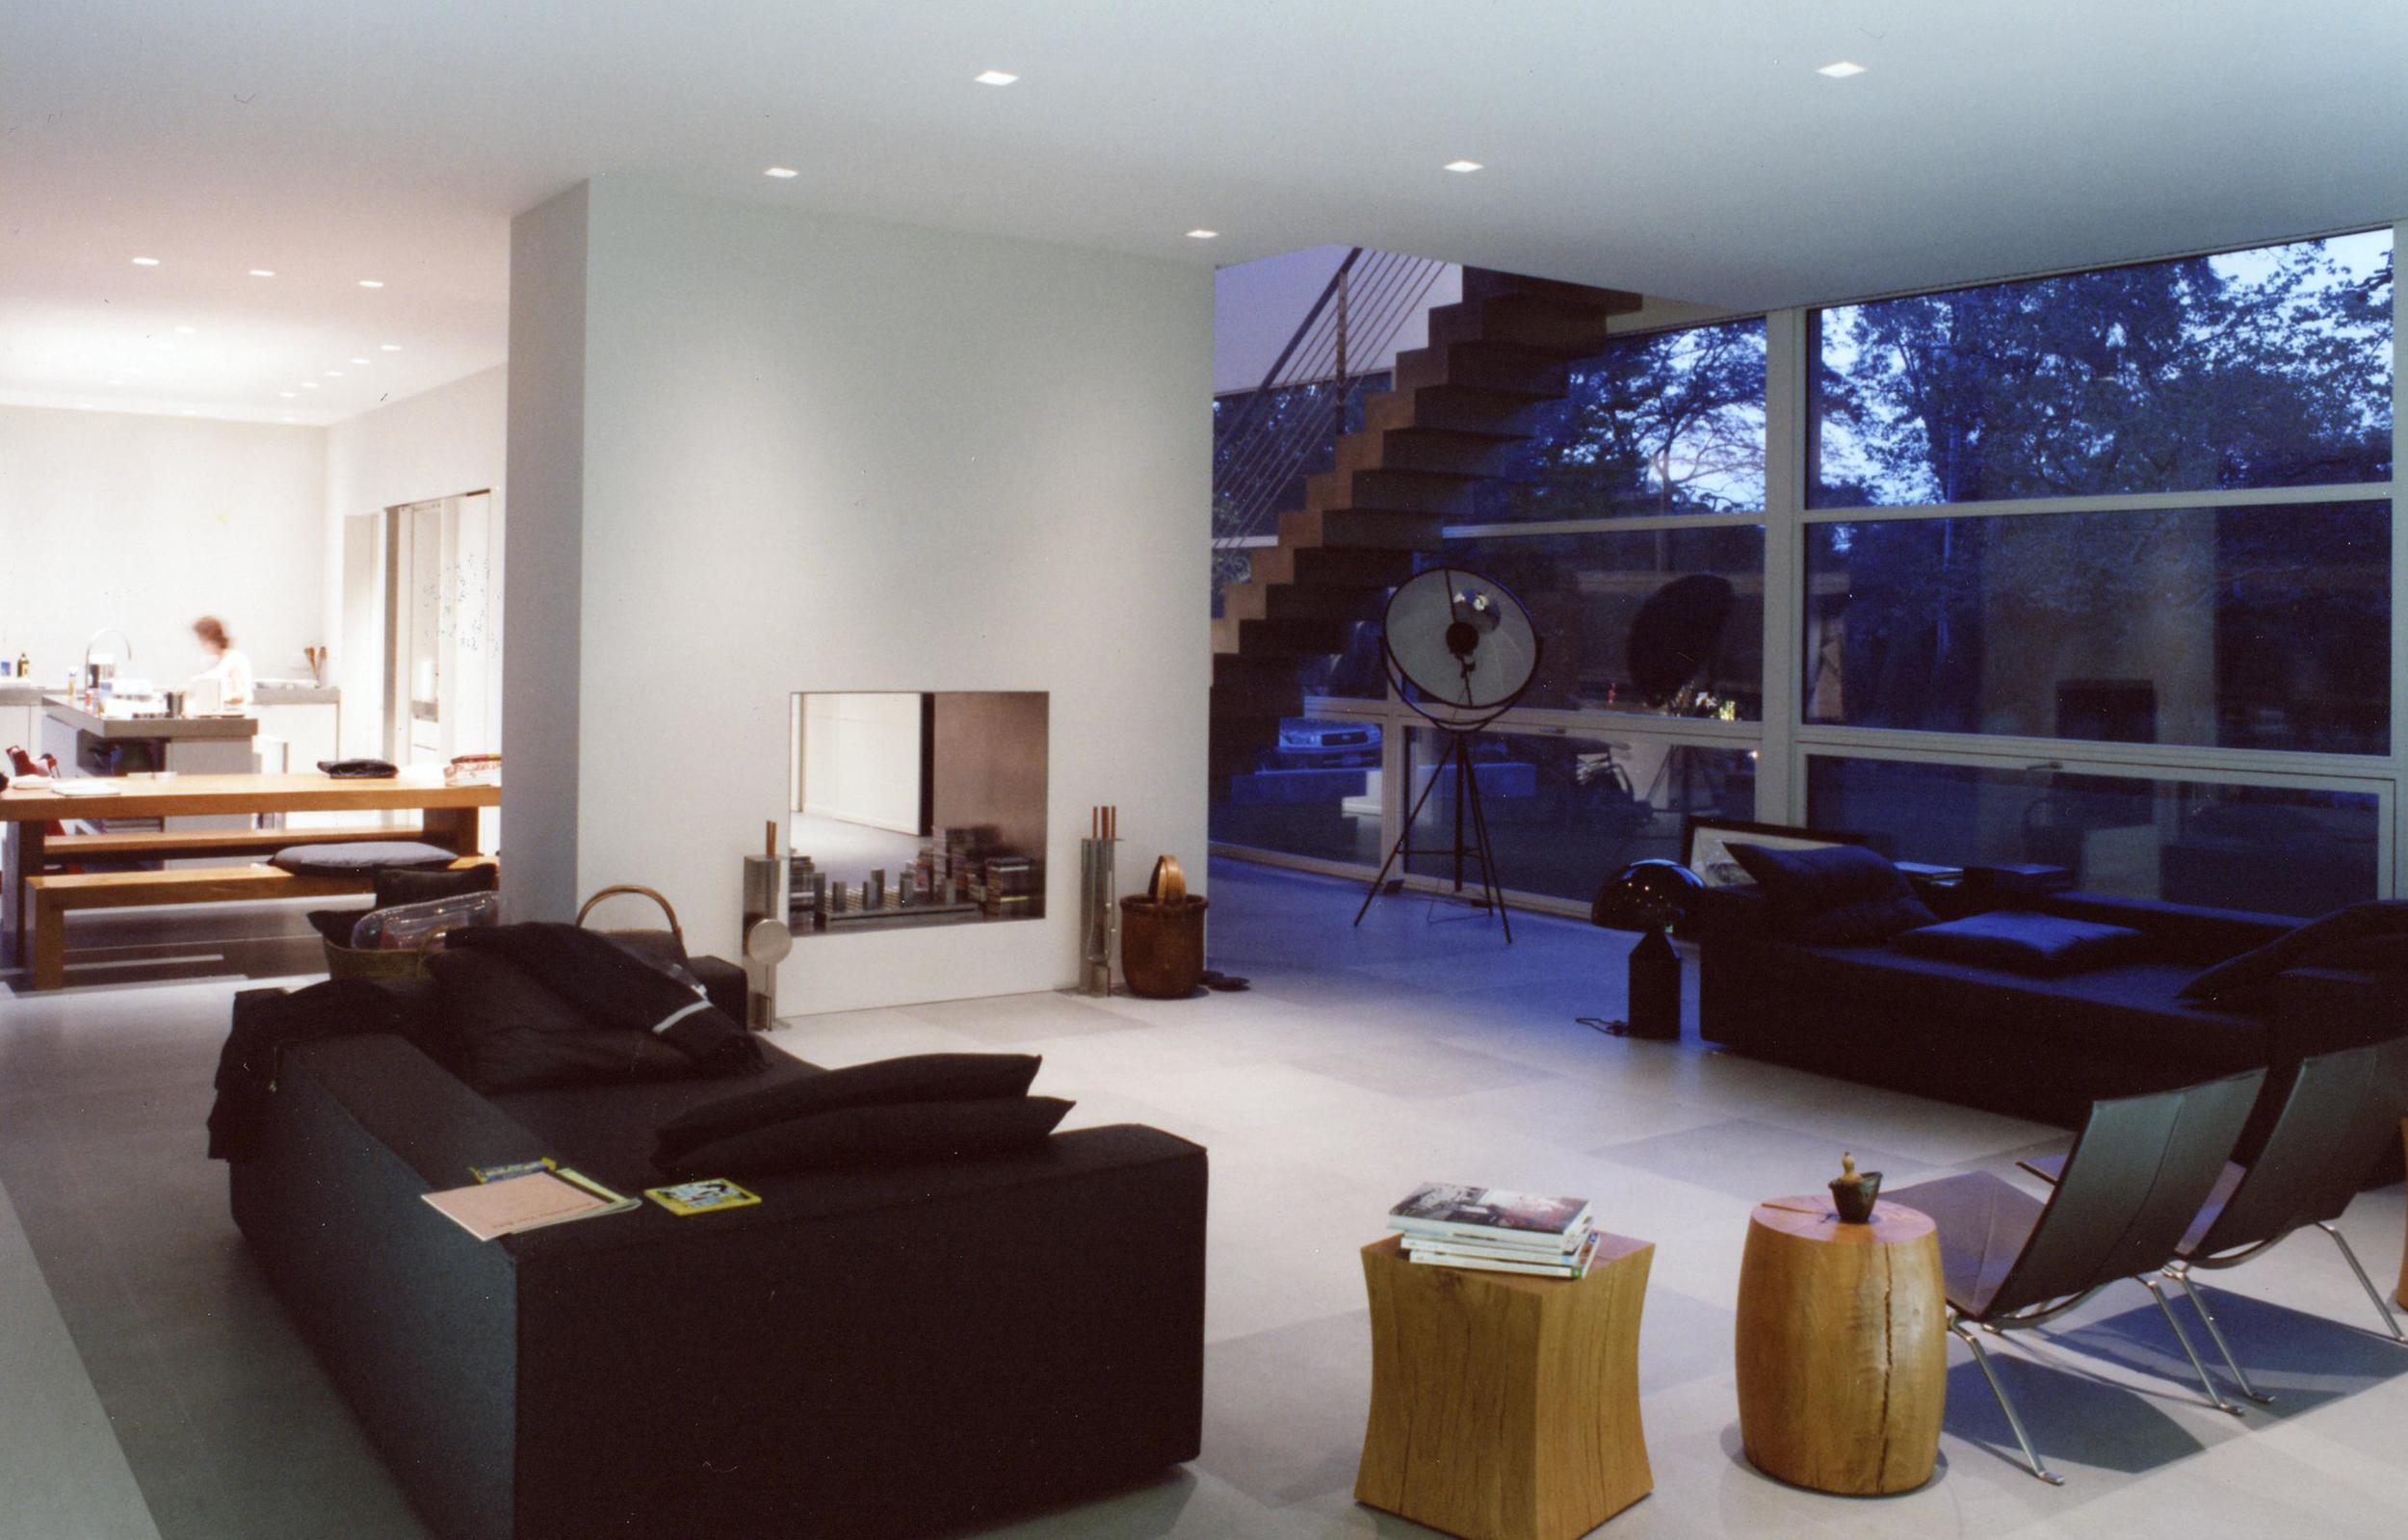 D Residence